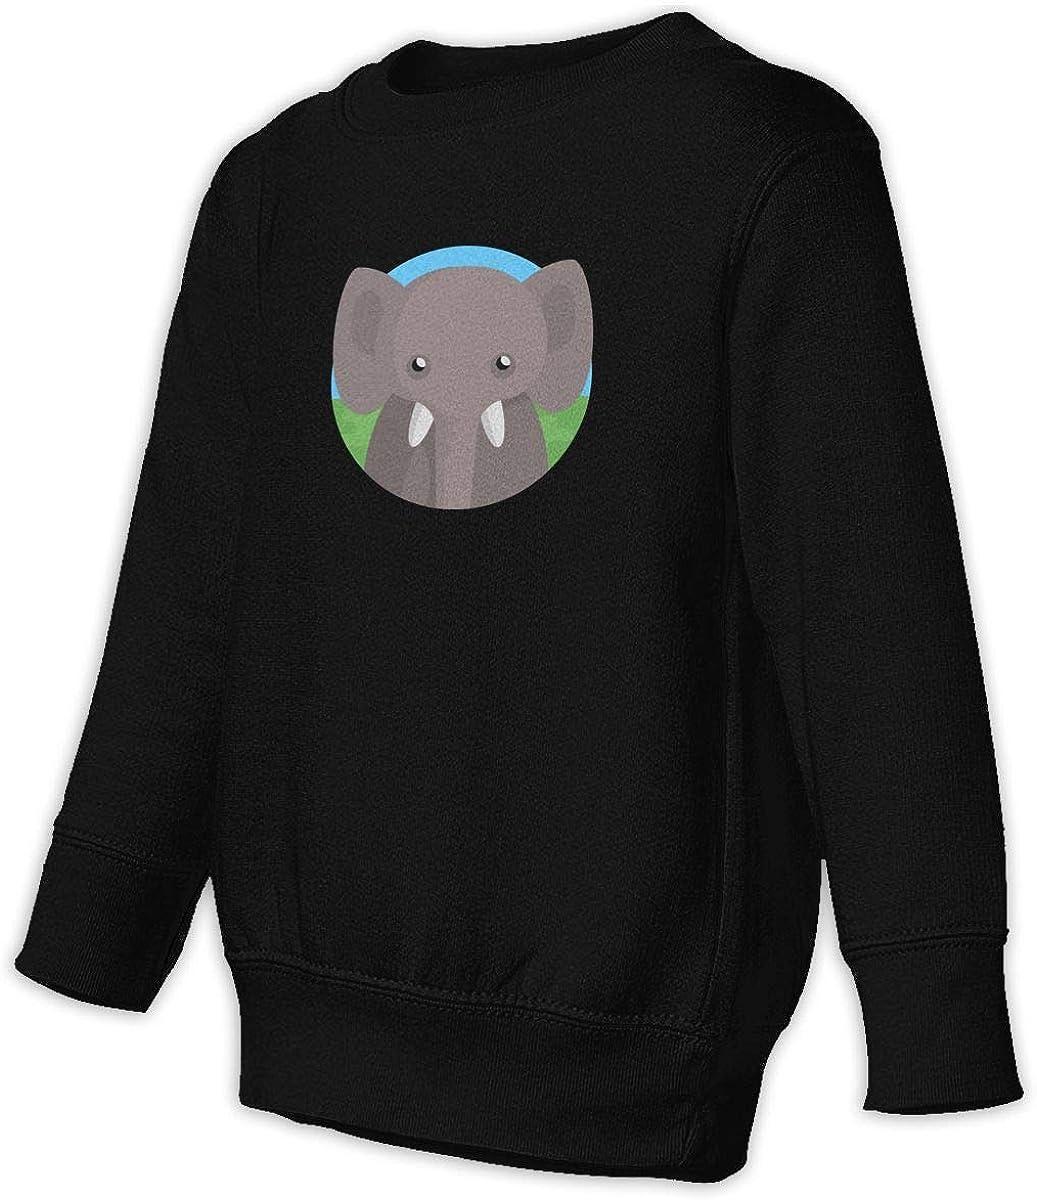 048-elephant Unisex Toddler Hoodies Fleece Pull Over Sweatshirt for Boys Girls Kids Youth